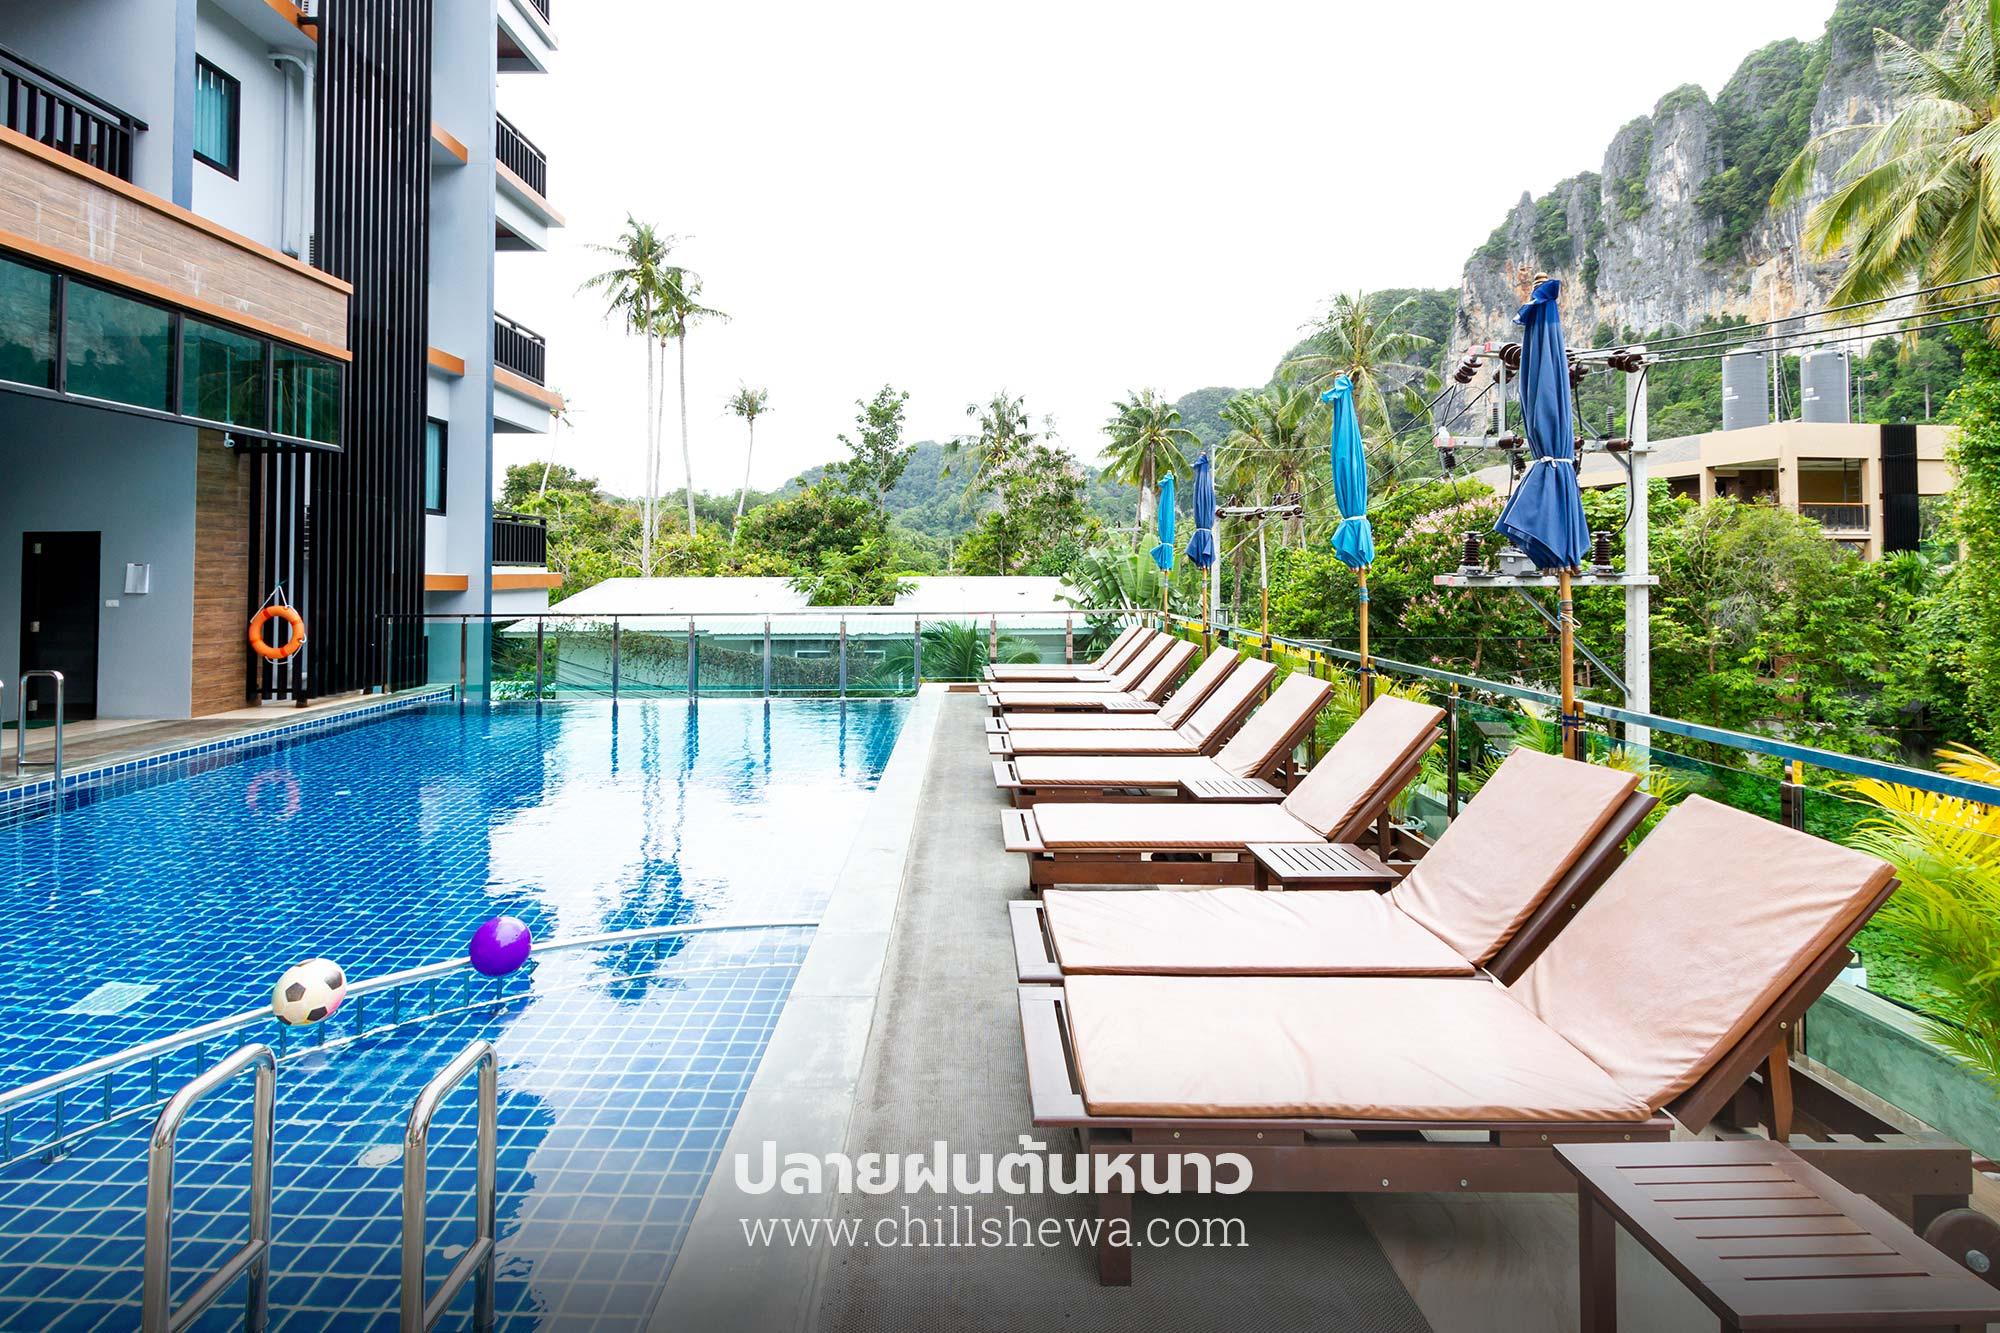 ANDAMAN-BREEZE-RESORT---12 อันดามัน บรีซ รีสอร์ท อ่าวนาง กระบี่ อันดามัน บรีซ รีสอร์ท Andaman Breeze Resort อ่าวนาง กระบี่ ANDAMAN BREEZE RESORT 12